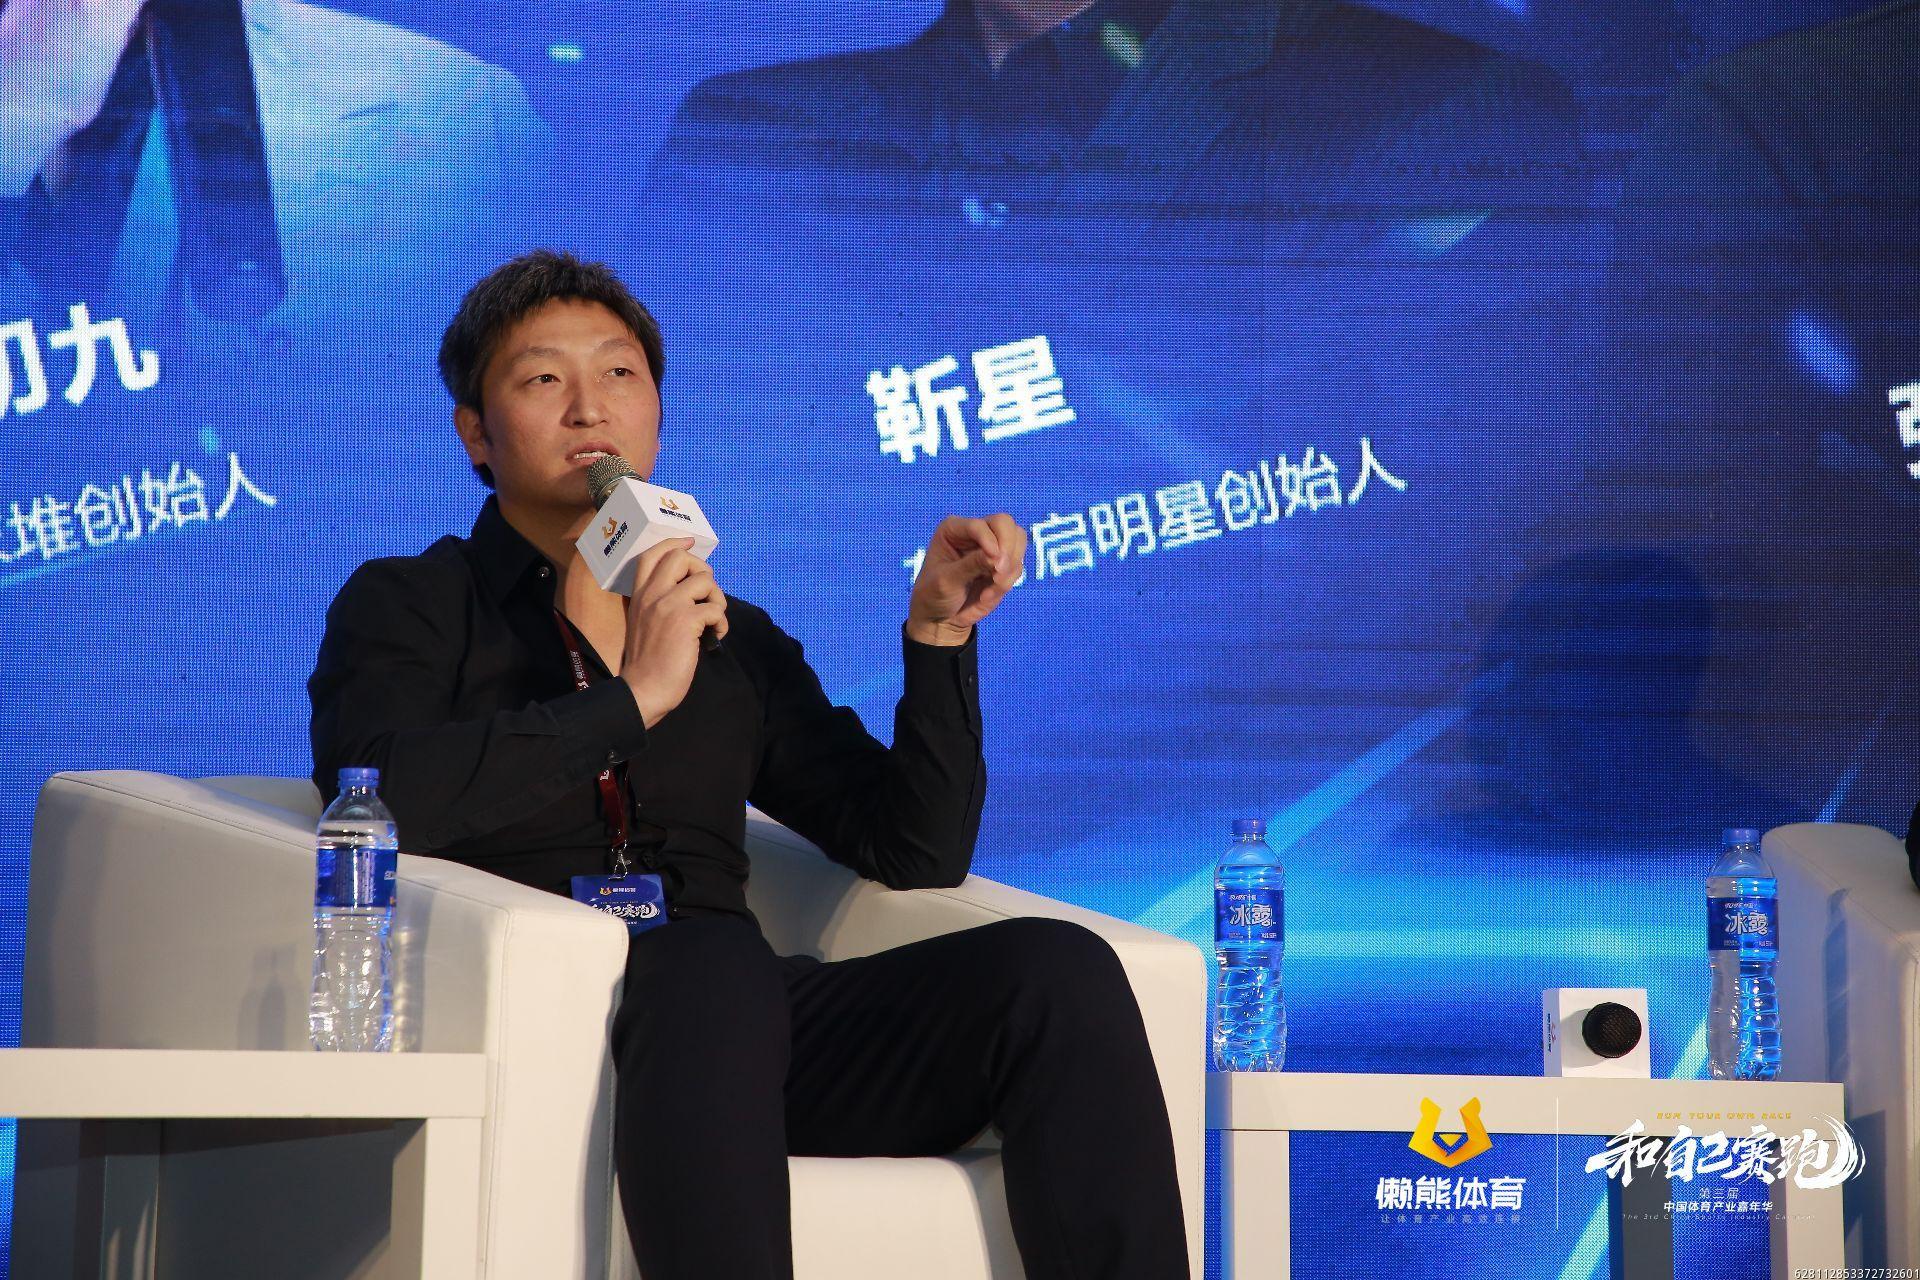 东方启明星创始人靳星:政策调整会倒逼产品,体育培训不只是追逐现金流